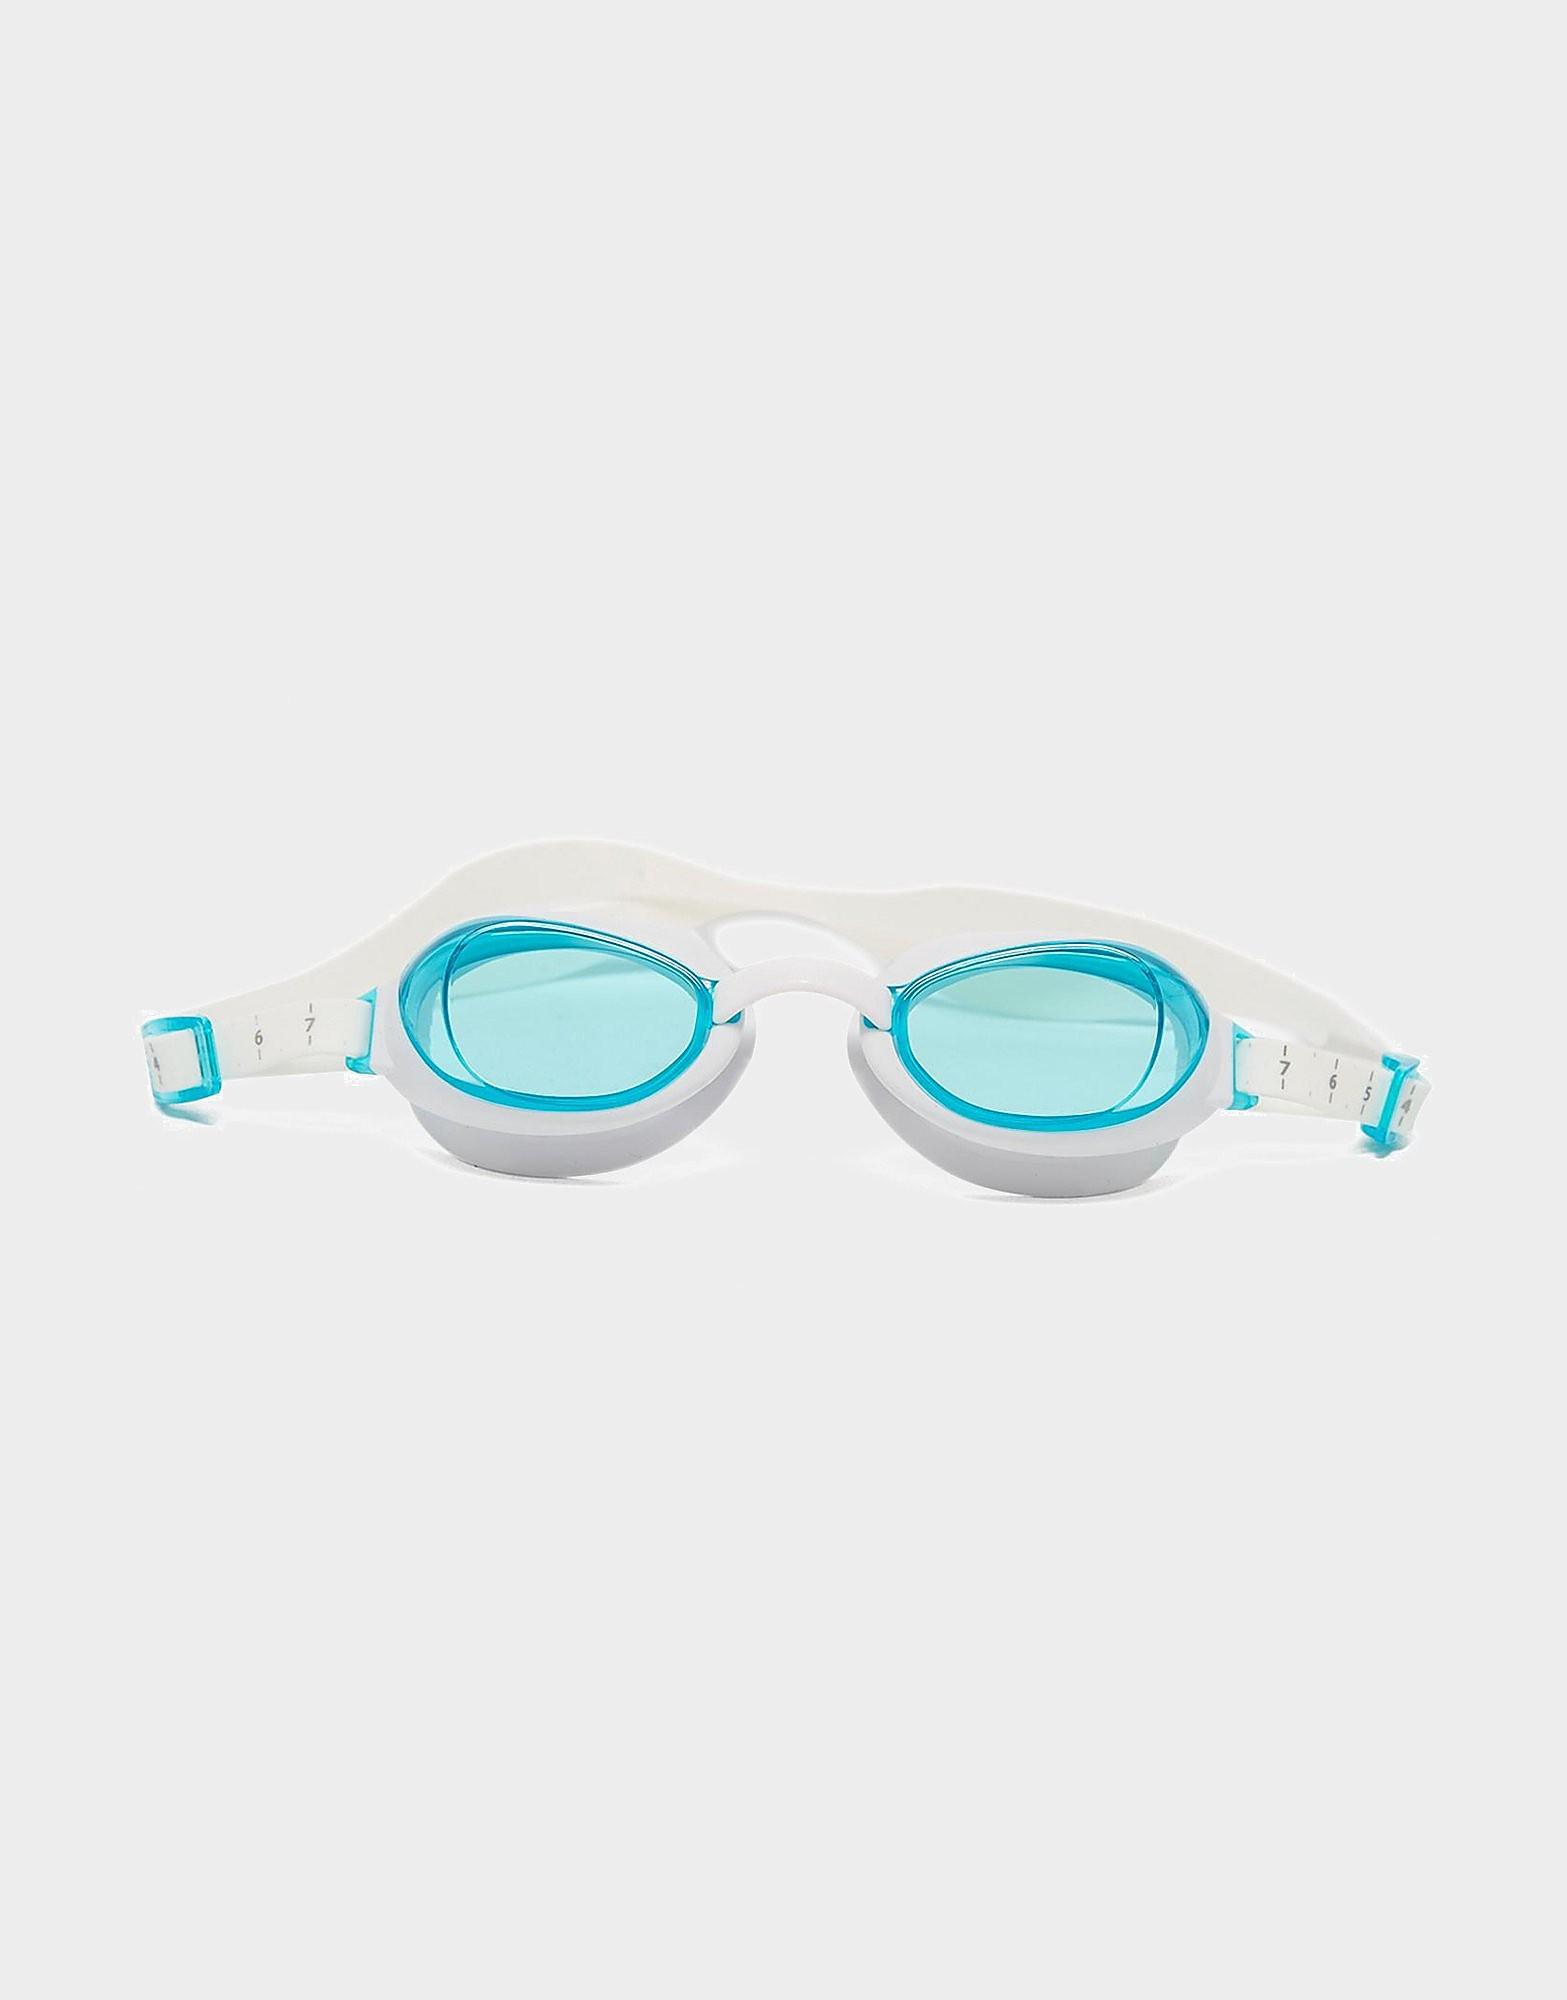 Speedo Aquapure IQFit Goggles